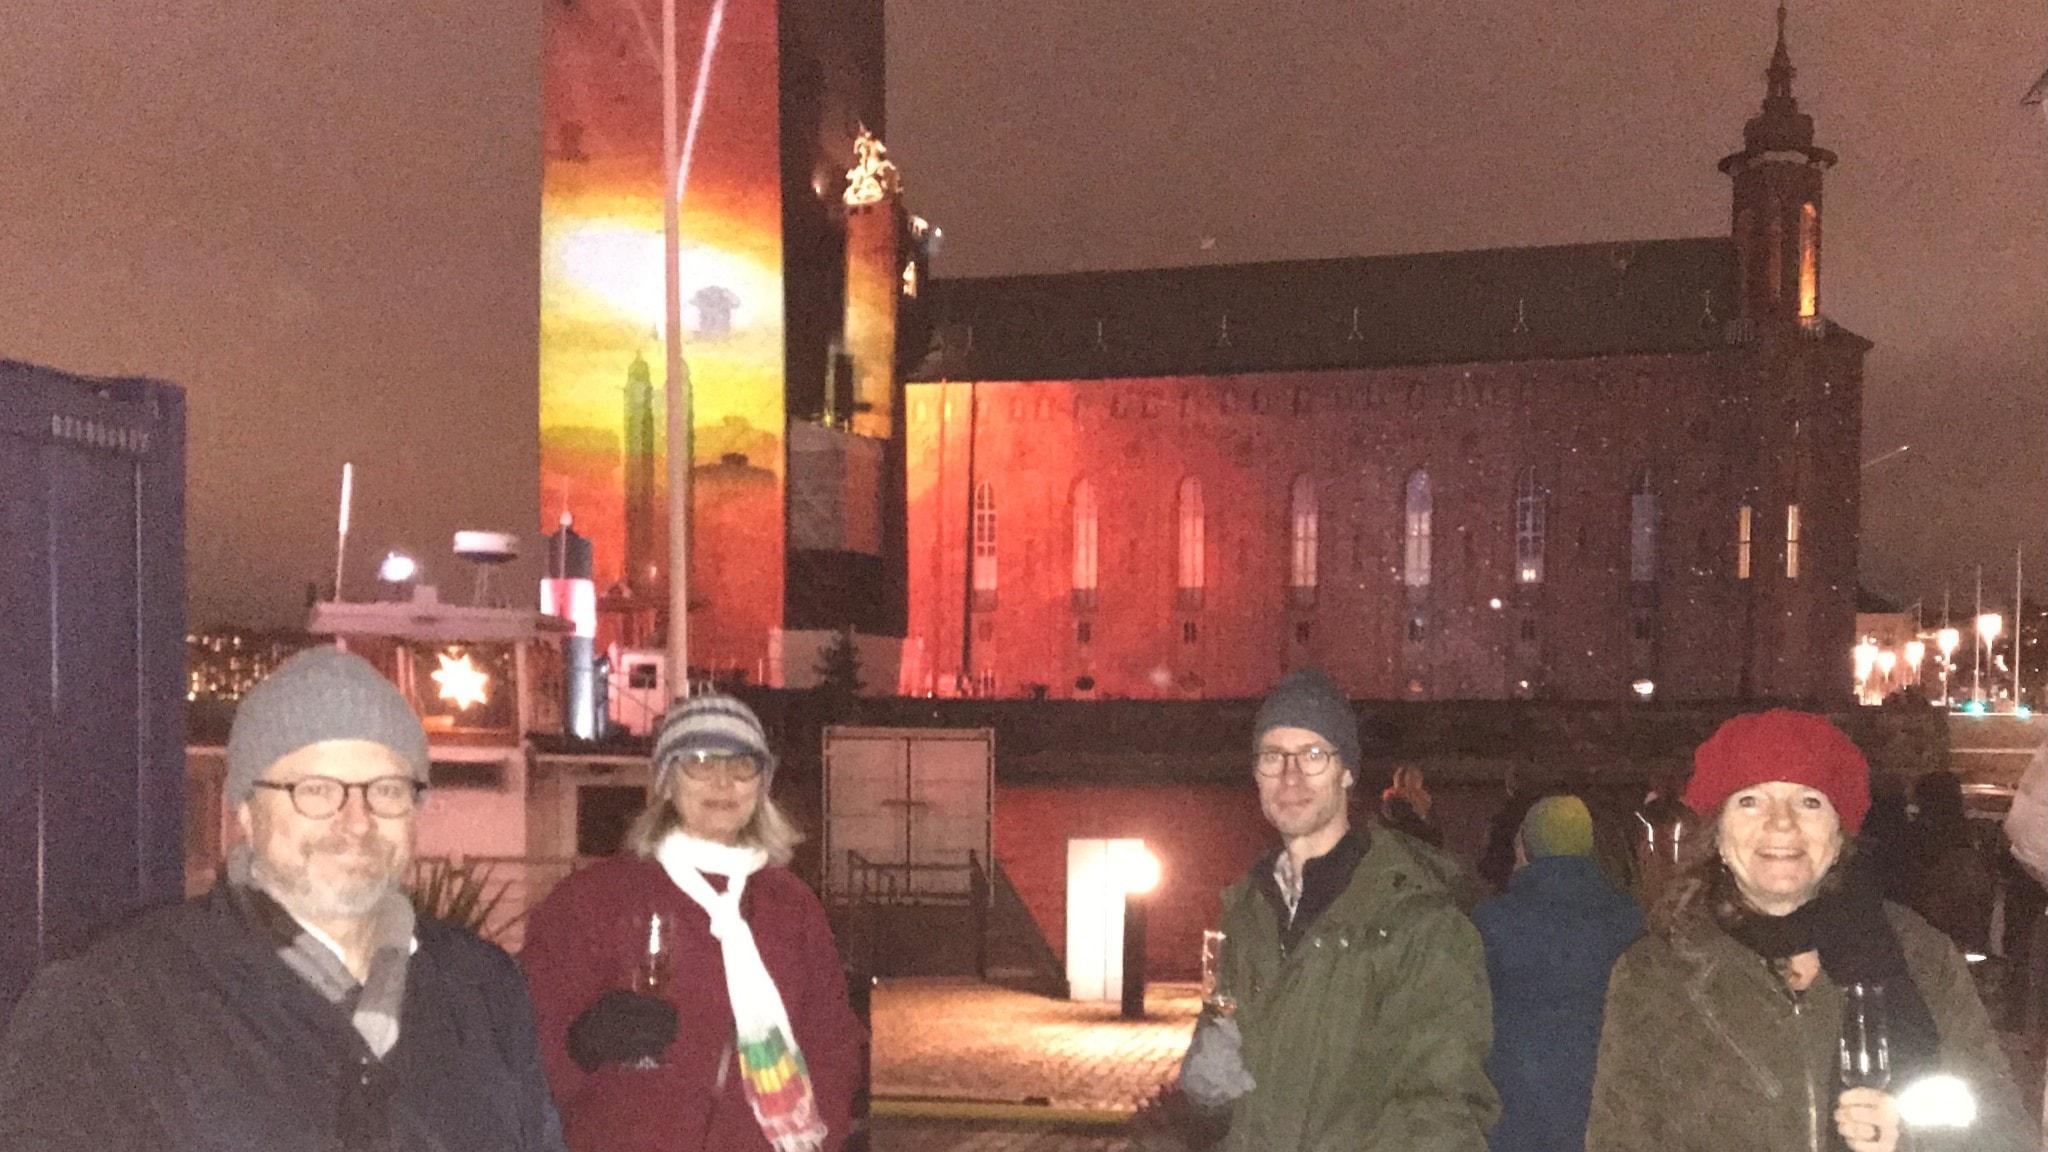 Karsten Thurfjell, Annika Östman, Björn Gunér och Lena Nordlund framför Stockholms stadshus med ljusprojektion av svart hål.